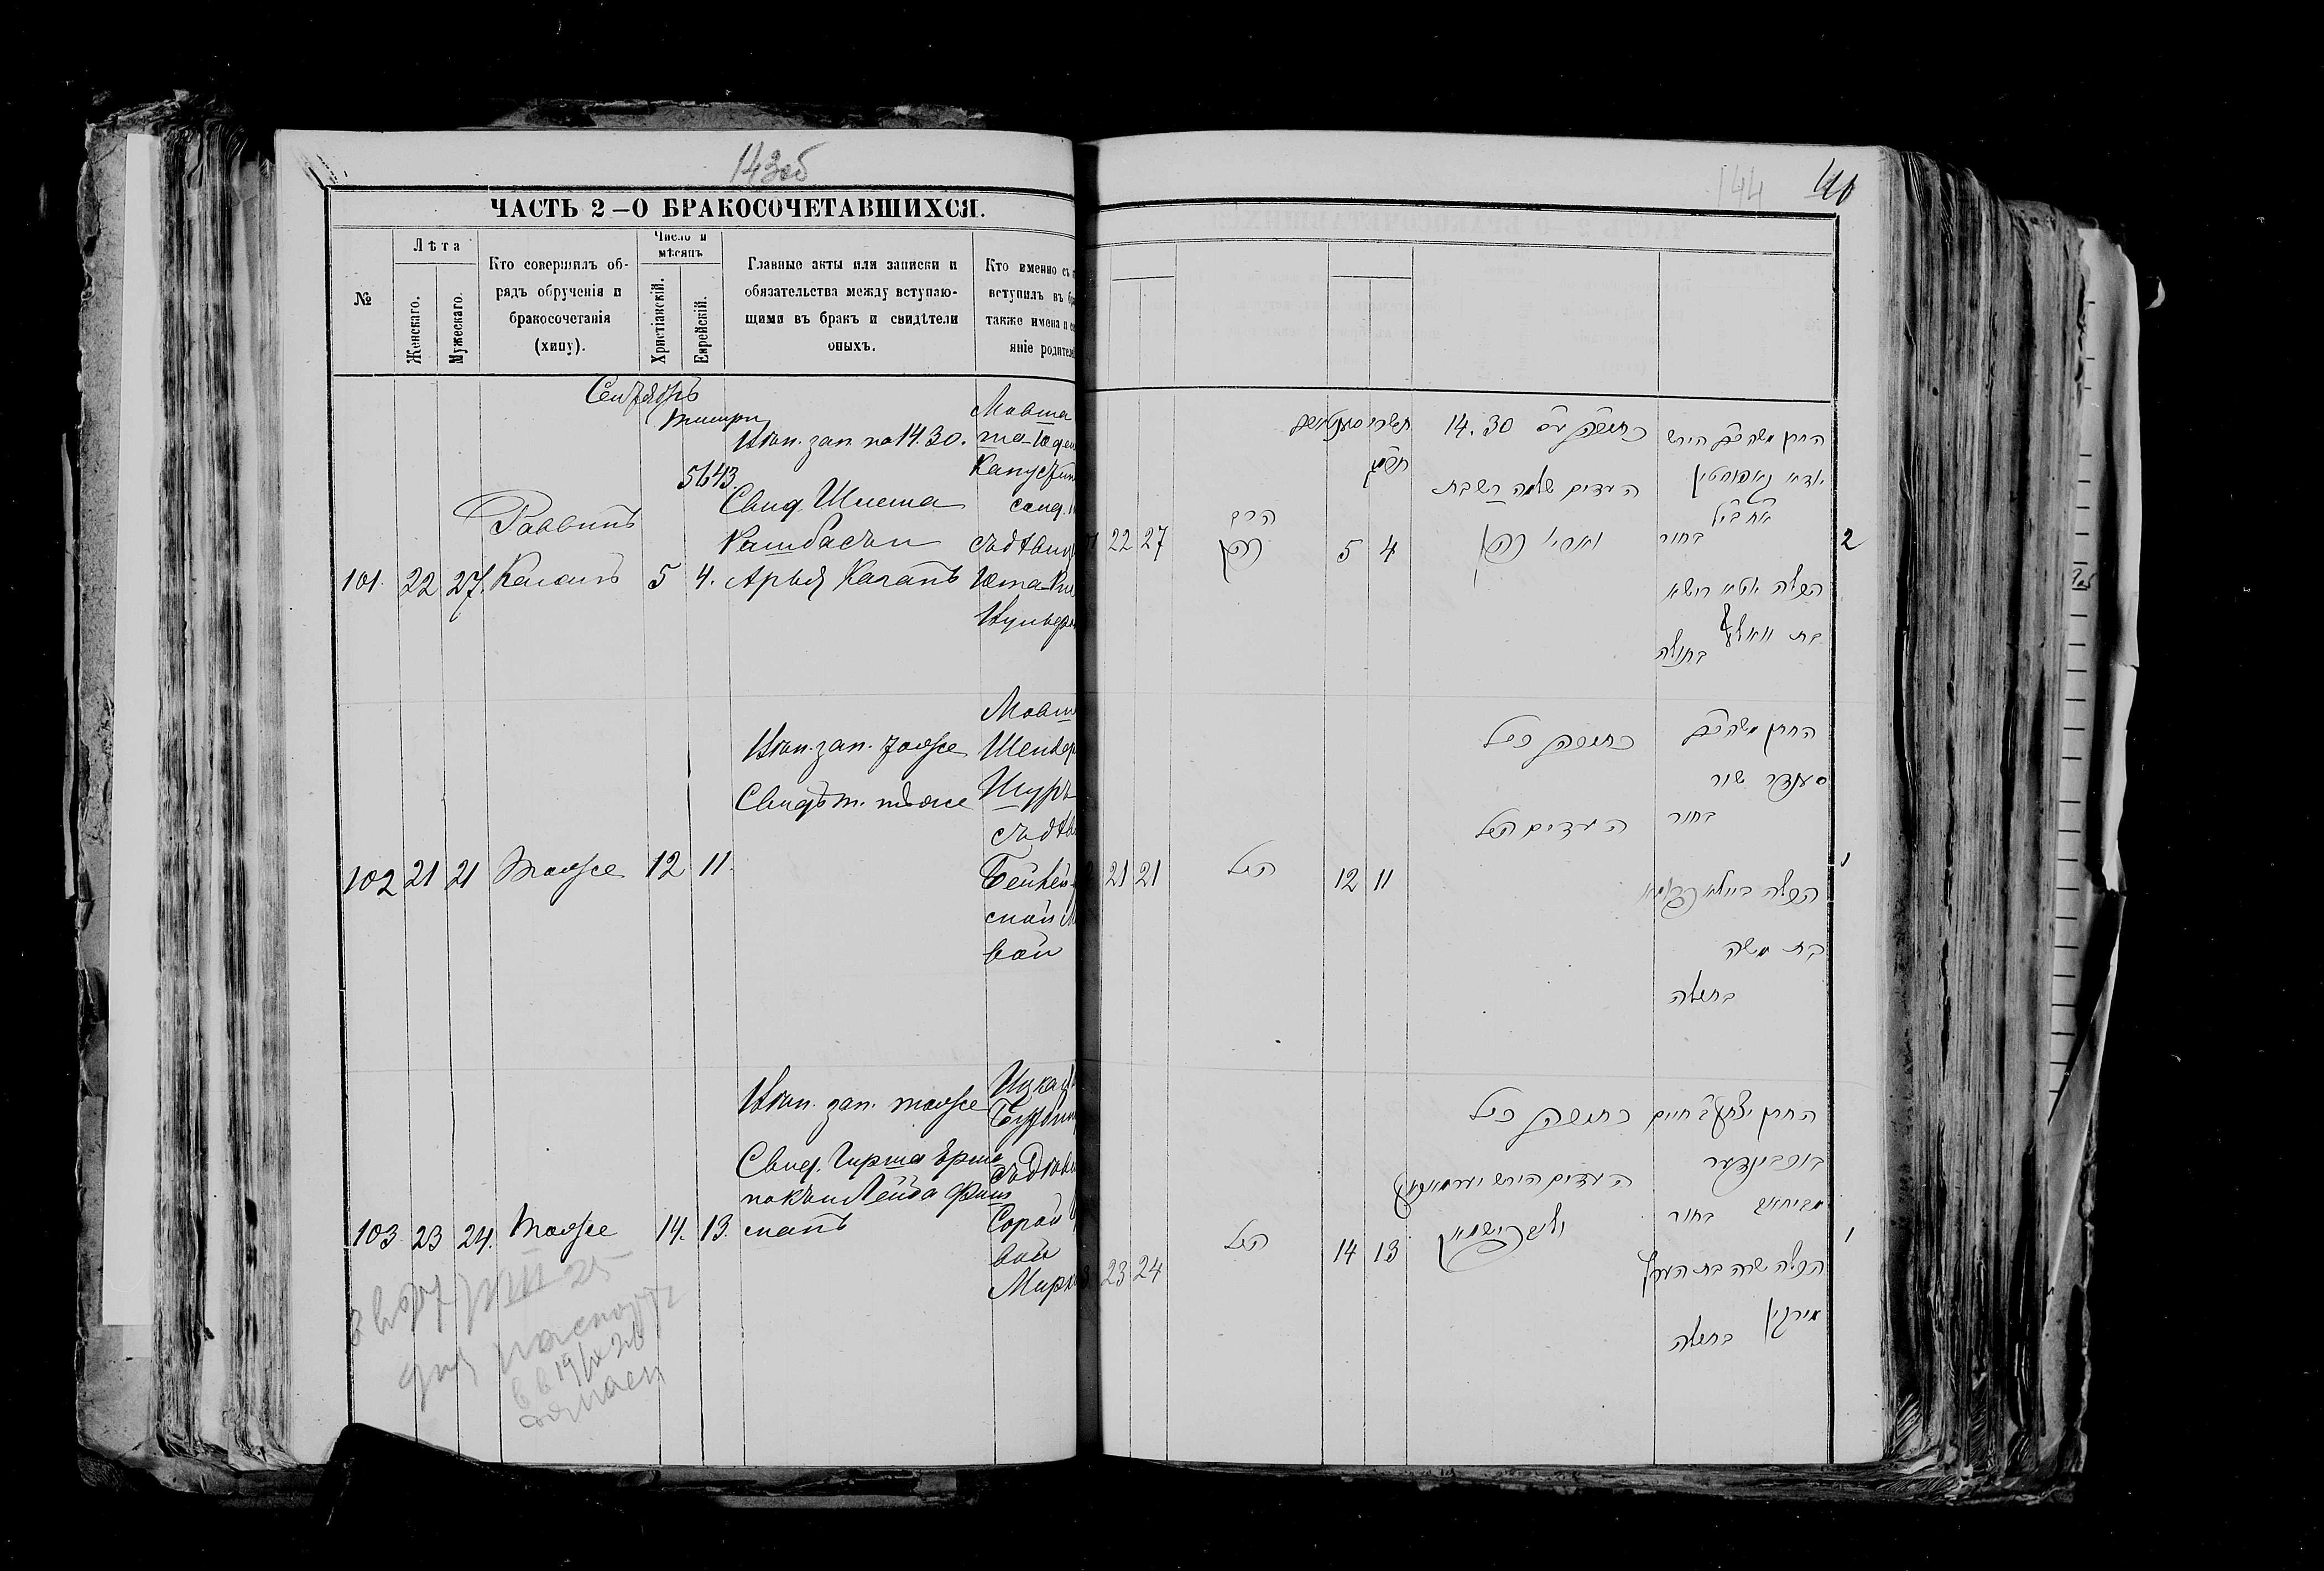 Ицка Бухбиндер с Сорой Герцевной Миркиной 14 сентября 1882, запись 103, пленка 007766484, снимок 401